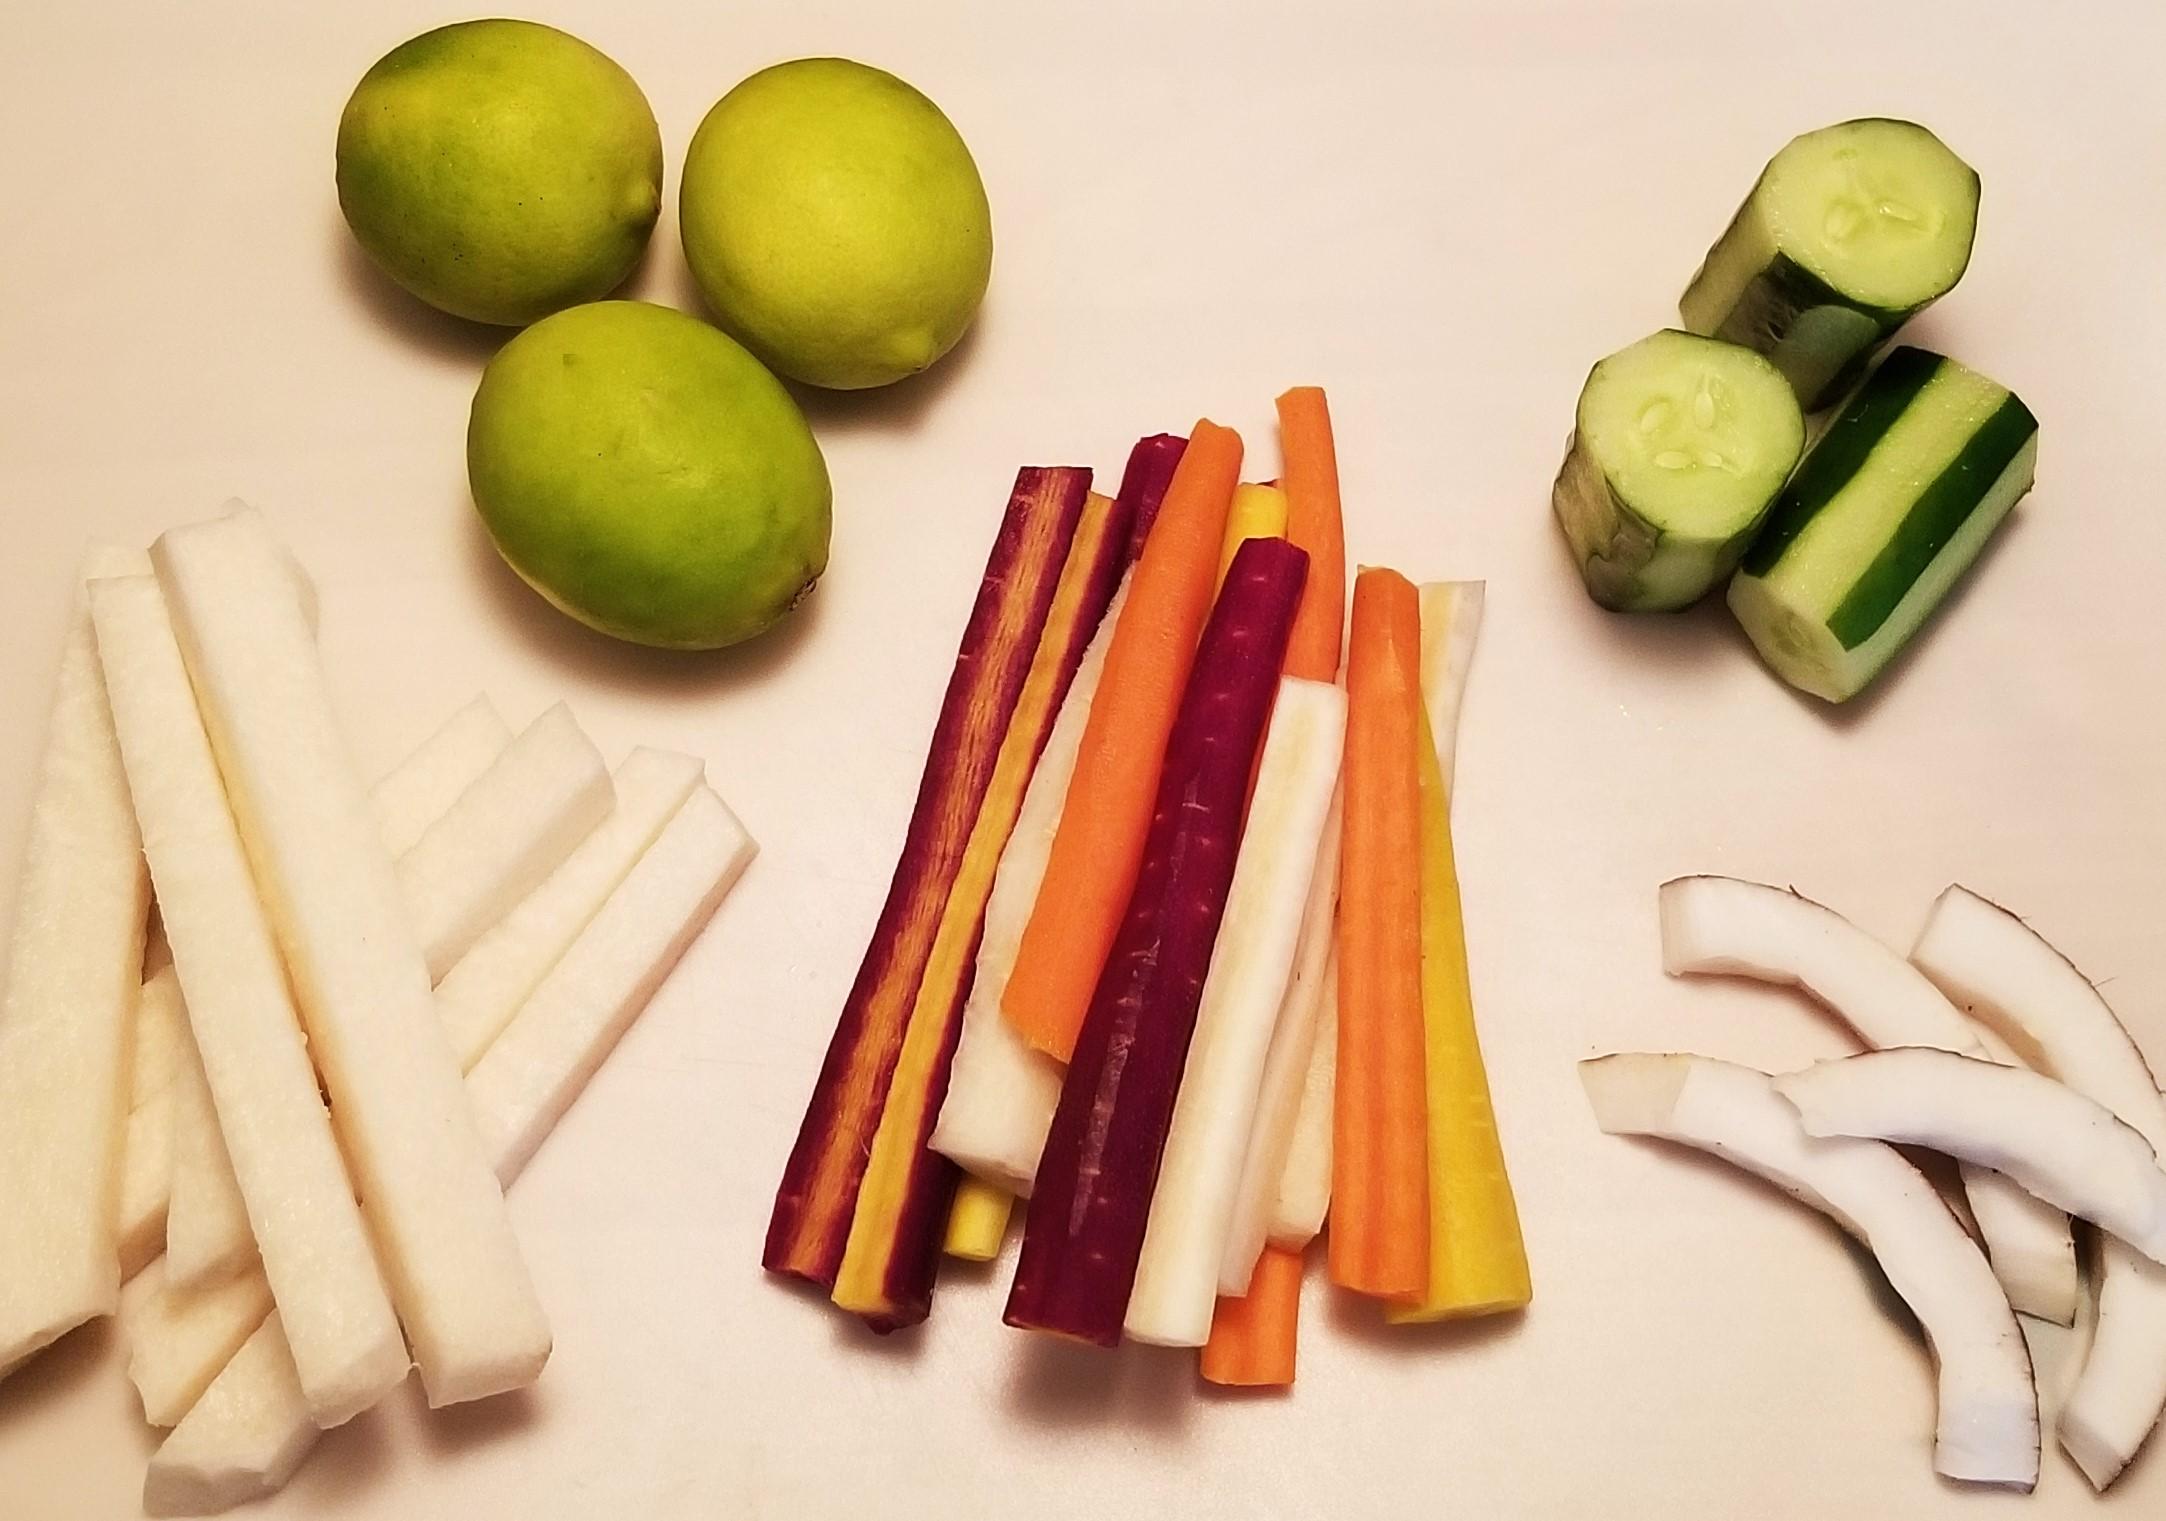 501 prep veggies and limes